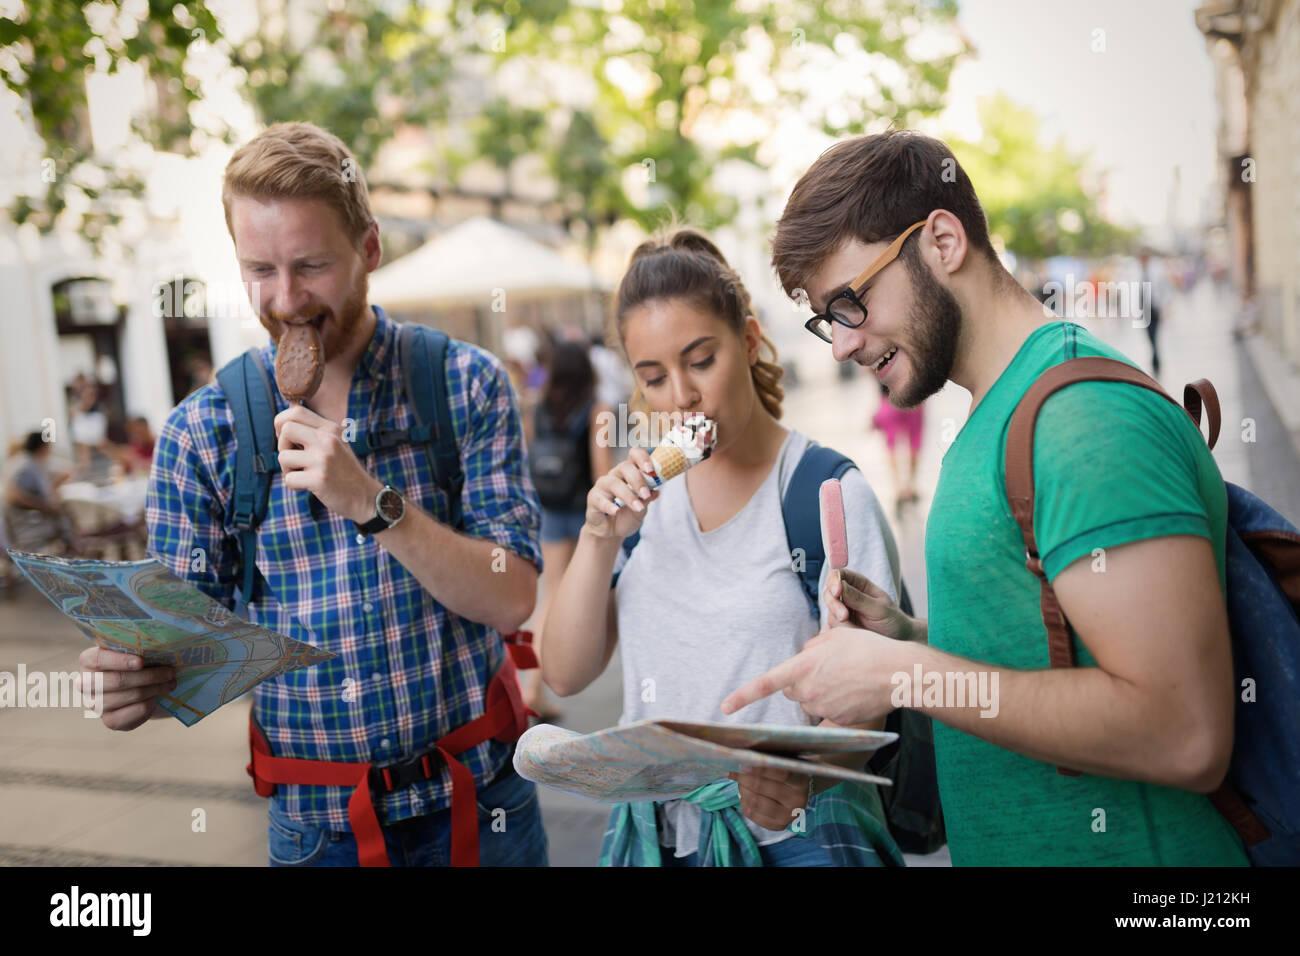 Viajar los jóvenes turismo y comer helados. Imagen De Stock